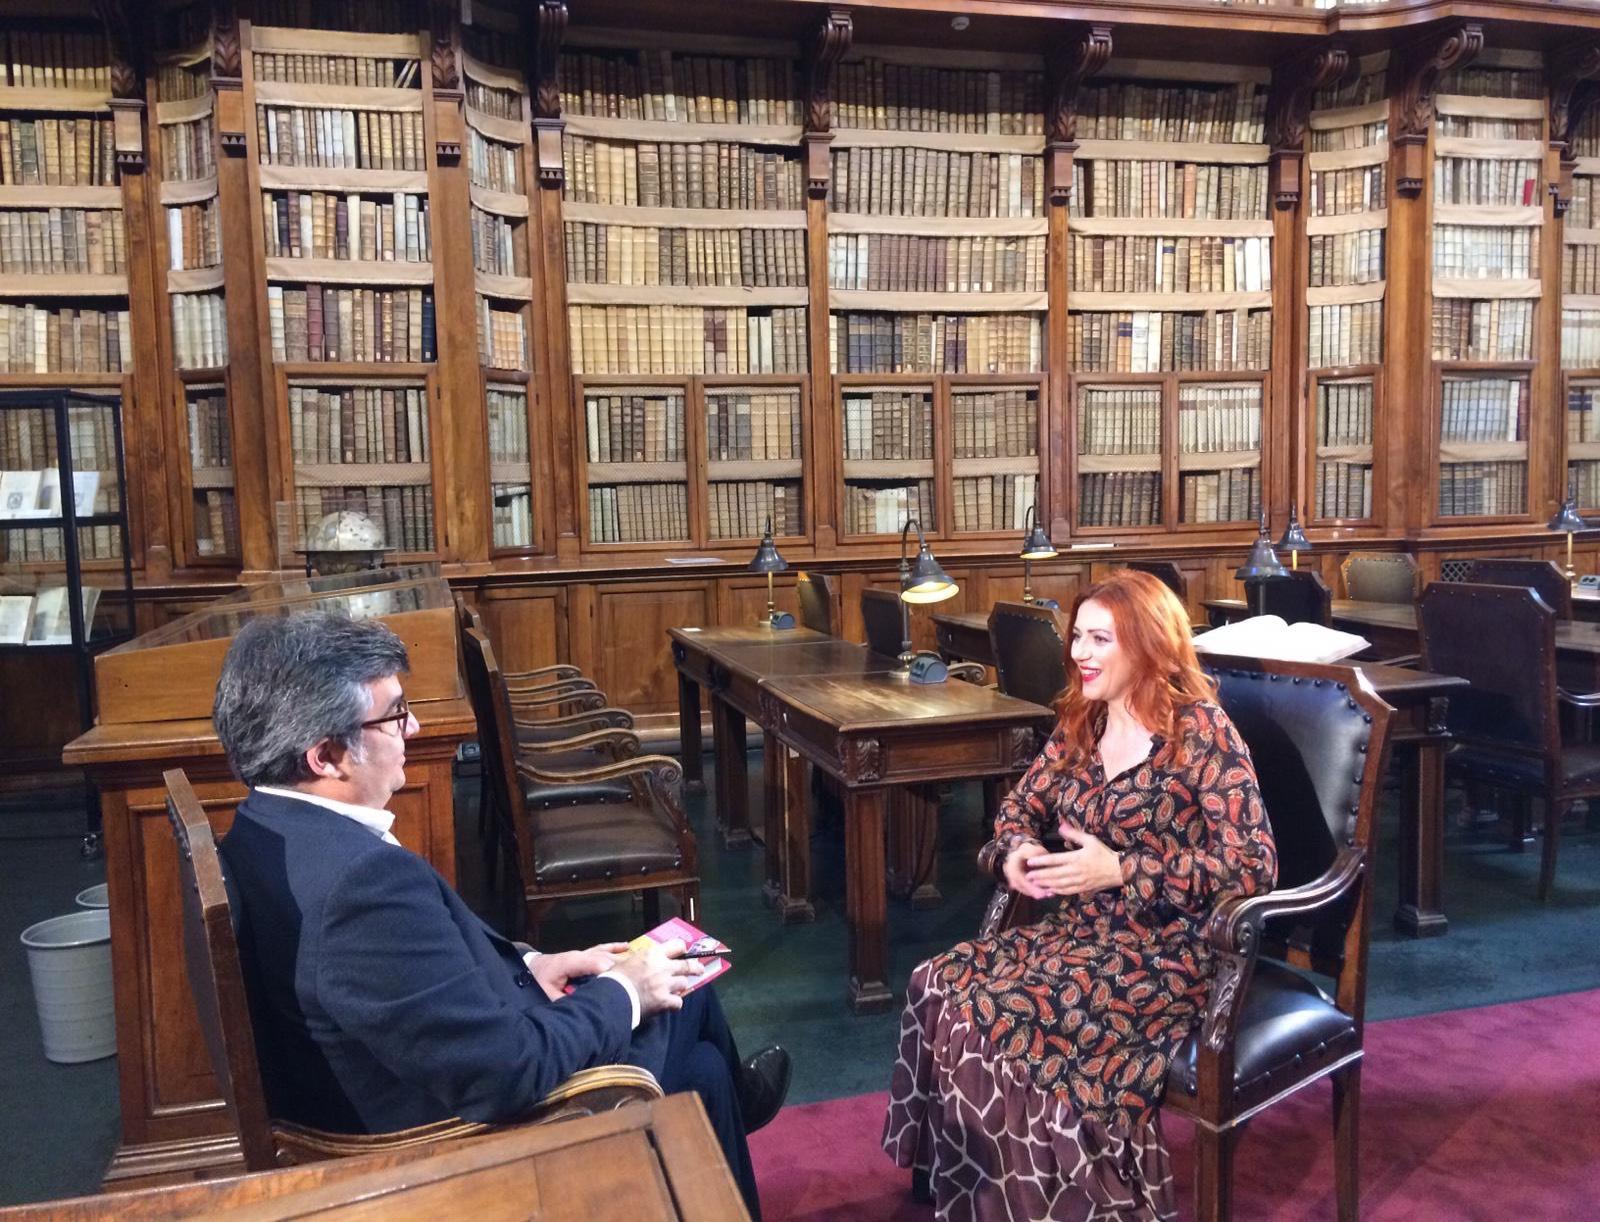 Mi ha intervistato Rai Storia! E domattina sono ospite a Rai Radio2 per parlare dell'assegnazione del Nobel per la Fisica 2019!